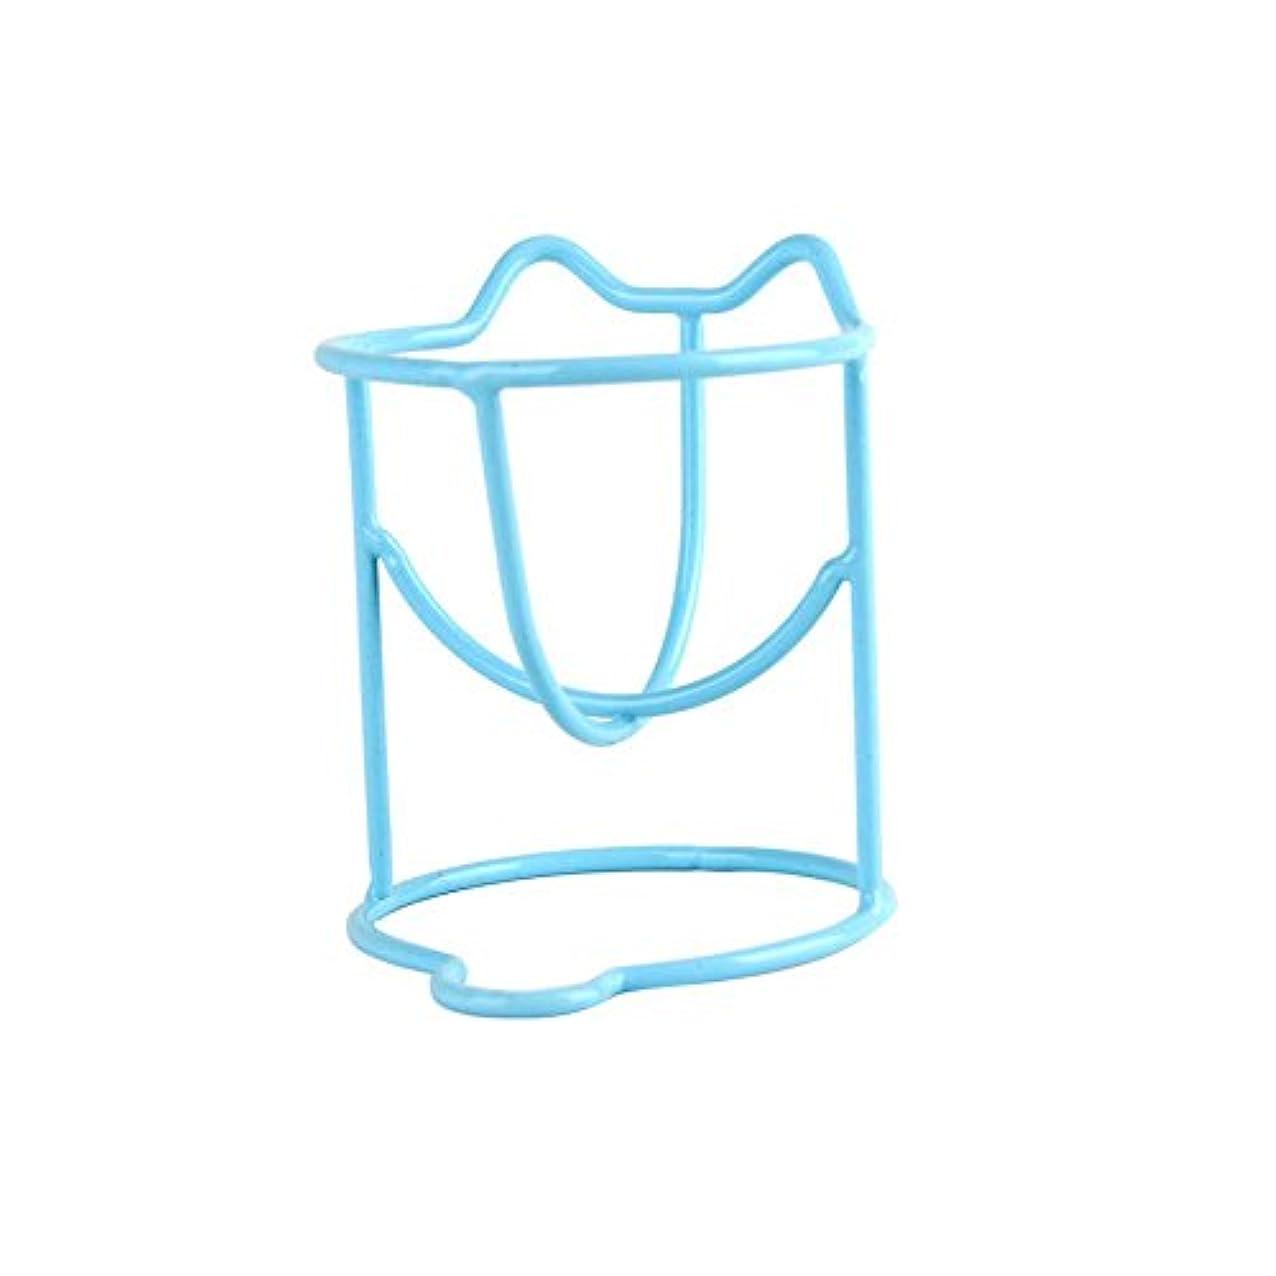 固める涙が出る賃金2つの乾燥ホルダーラックファッションメイク卵パウダーパフスポンジディスプレイスタンドのセット